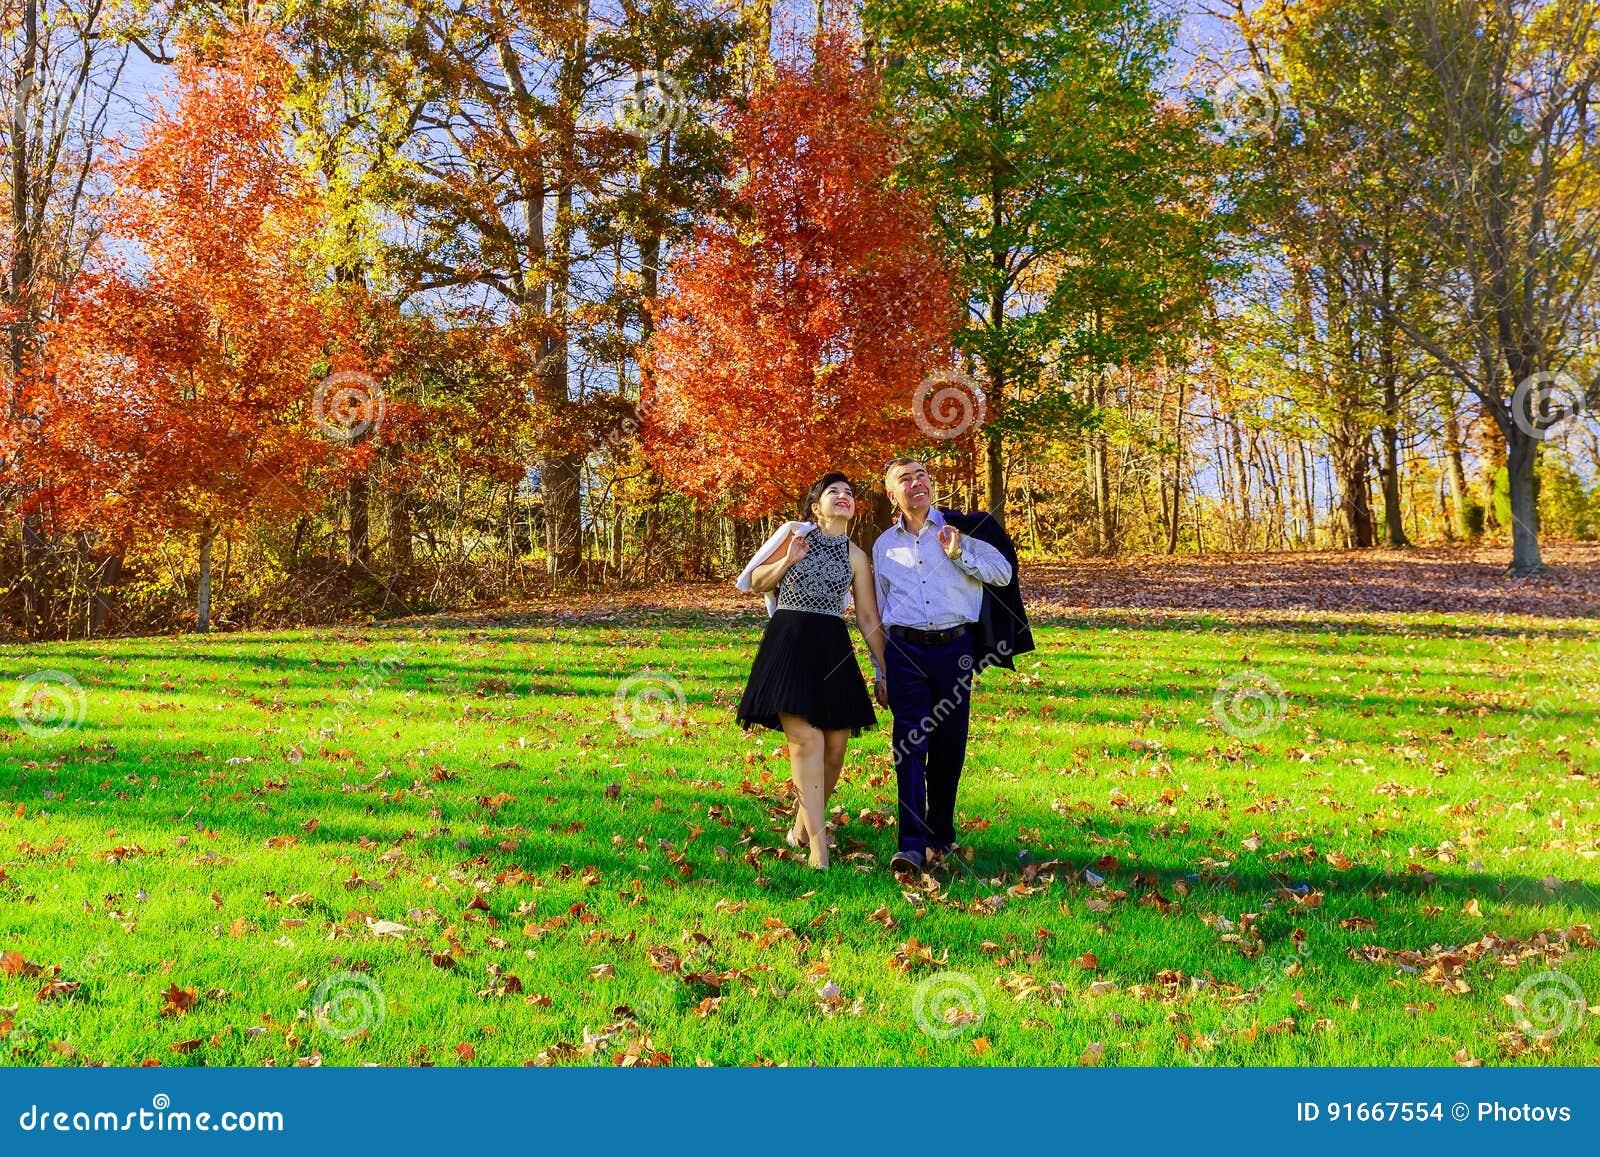 αγάπη, σχέσεις, ευτυχές νέο ζεύγος εποχής και έννοιας ανθρώπων που αγκαλιάζει στο πάρκο φθινοπώρου